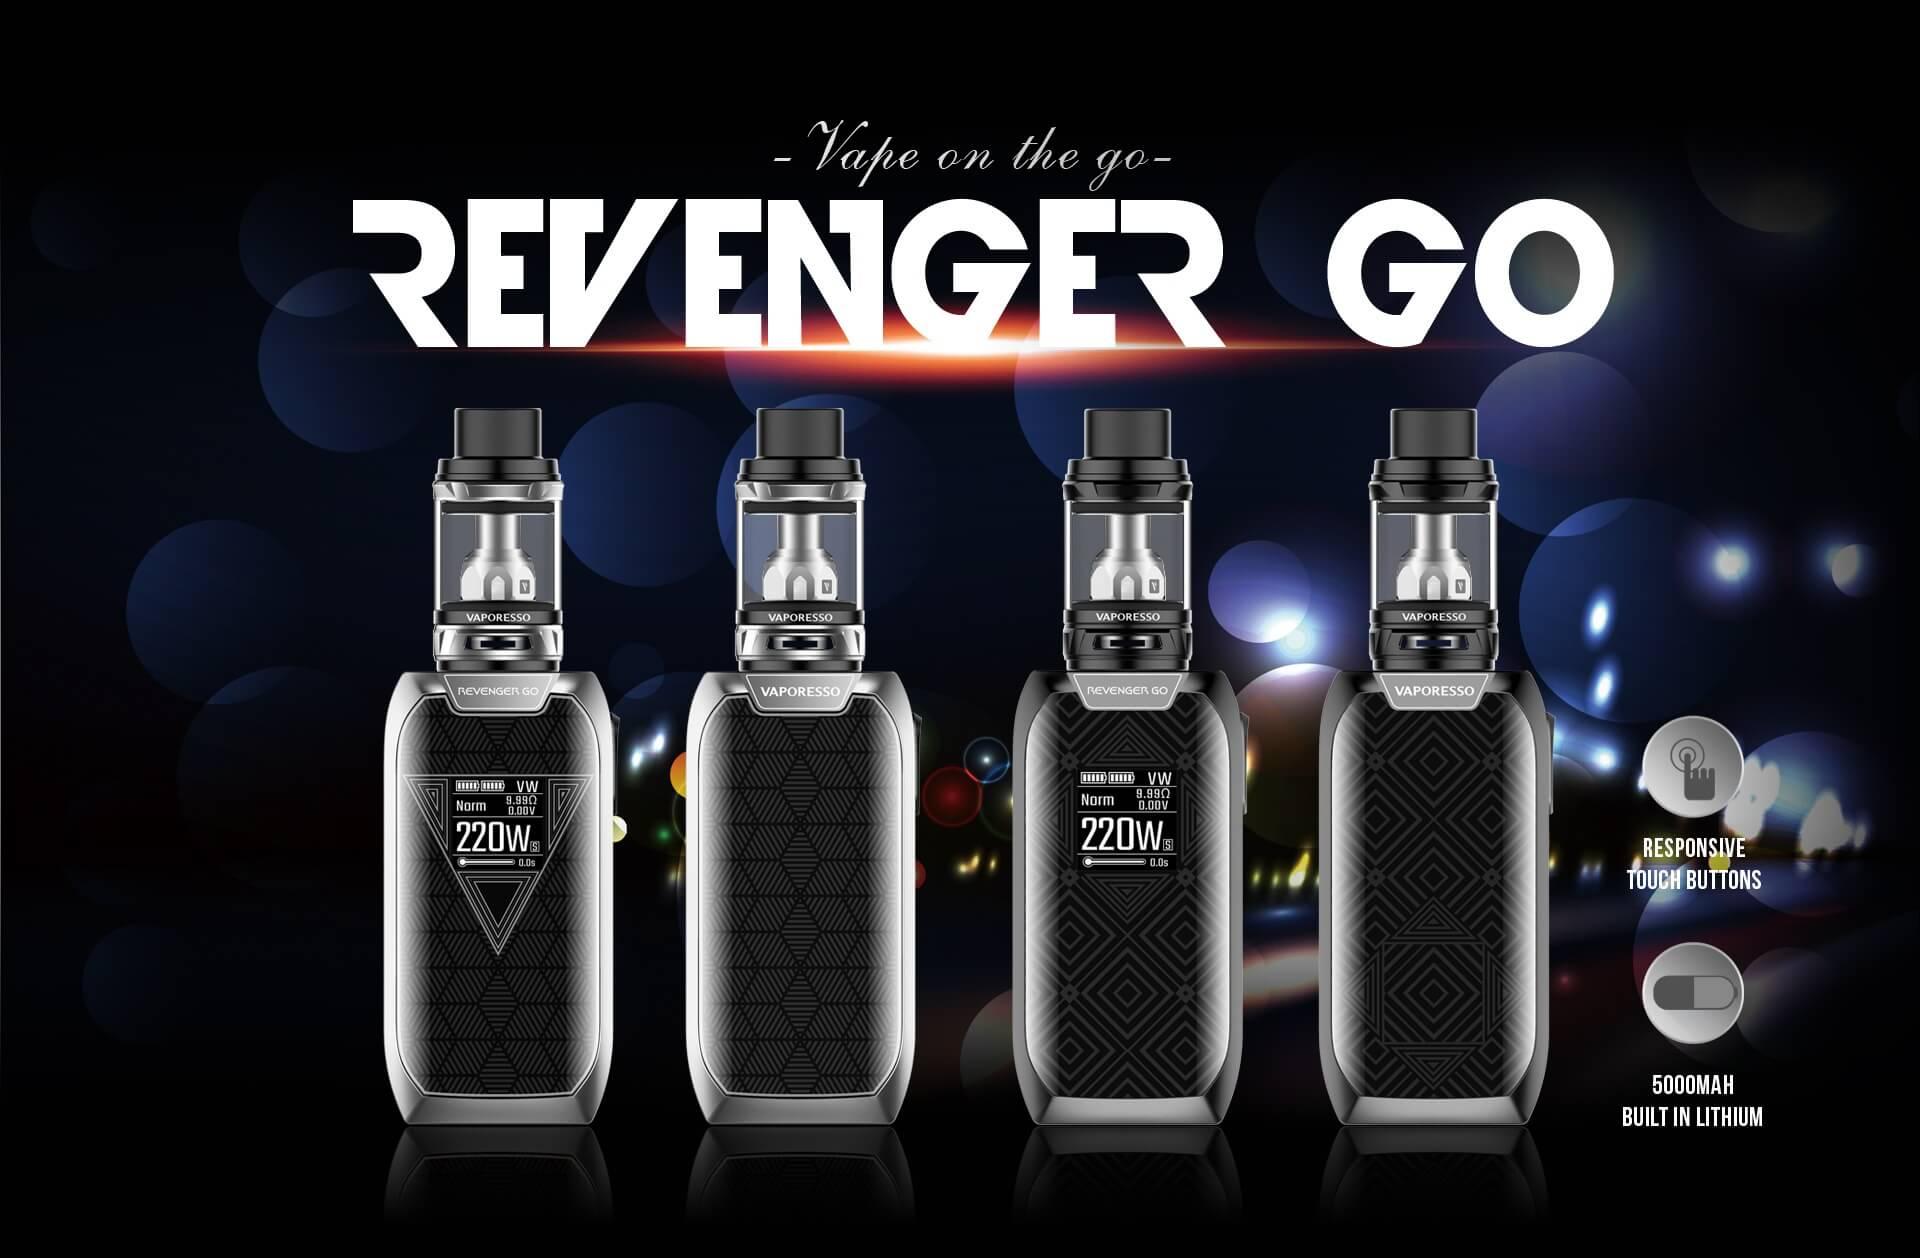 revenger_go_1.jpg